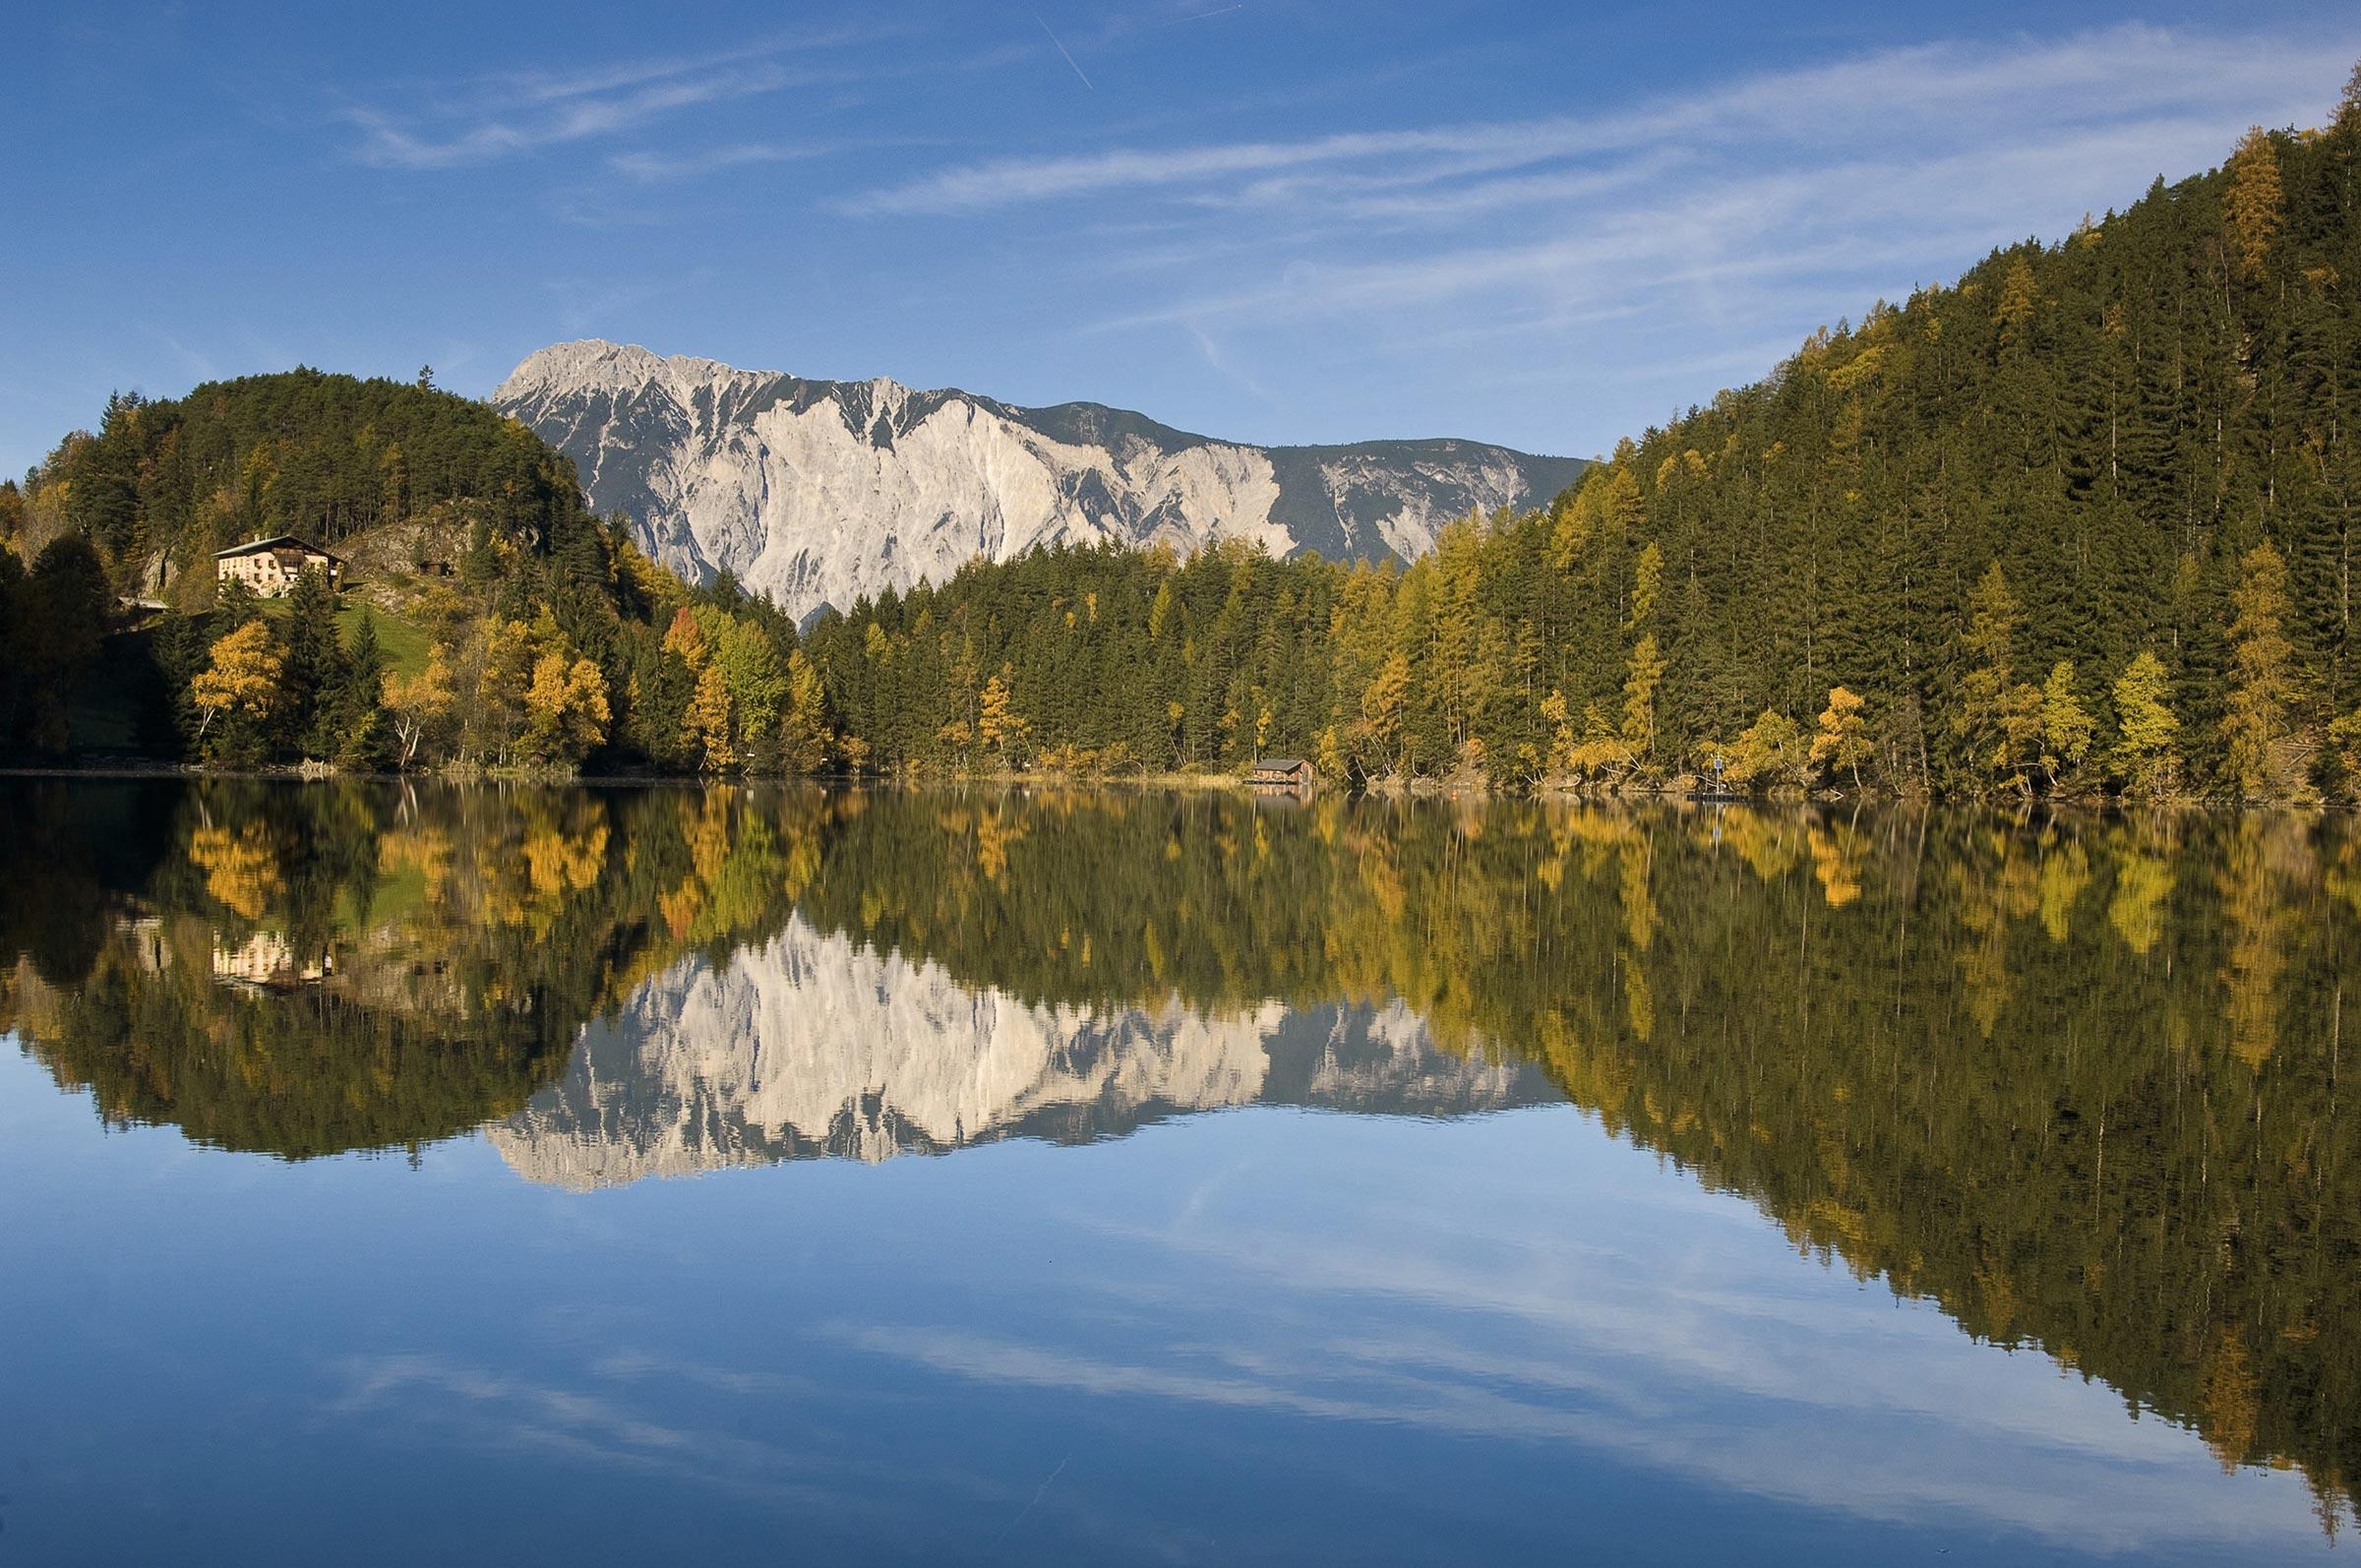 Piburgersee im Herbst - Herbst im Ötztal